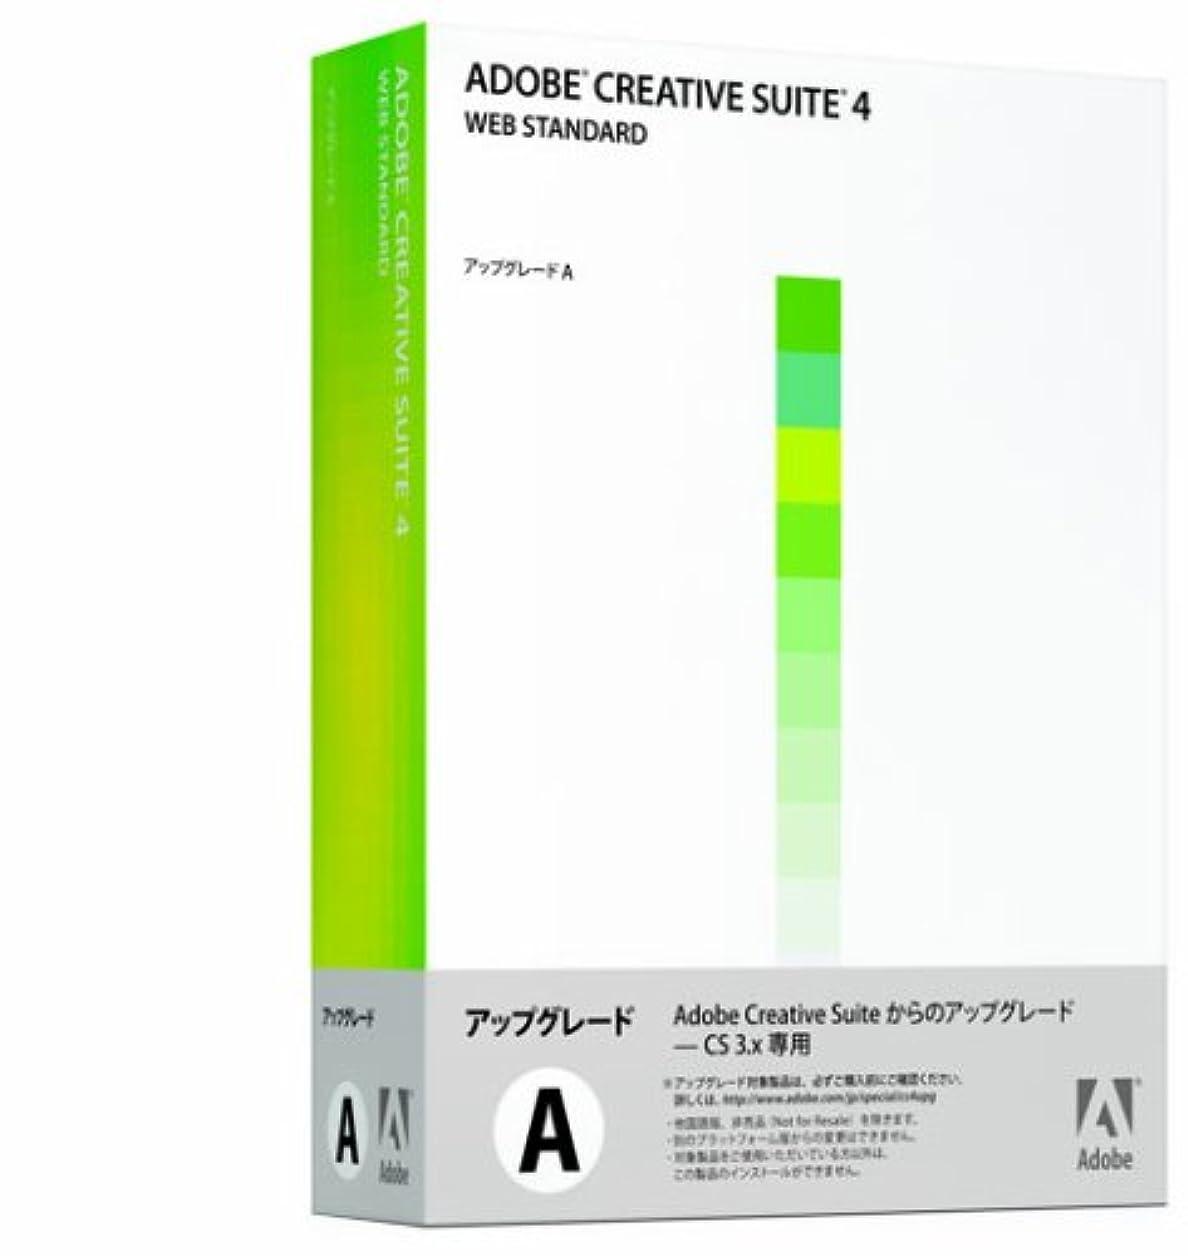 省略満足できる通知Adobe Creative Suite 4 Web Standard 日本語版 アップグレード版A (FRM CS3/3.3) Windows版 (旧製品)